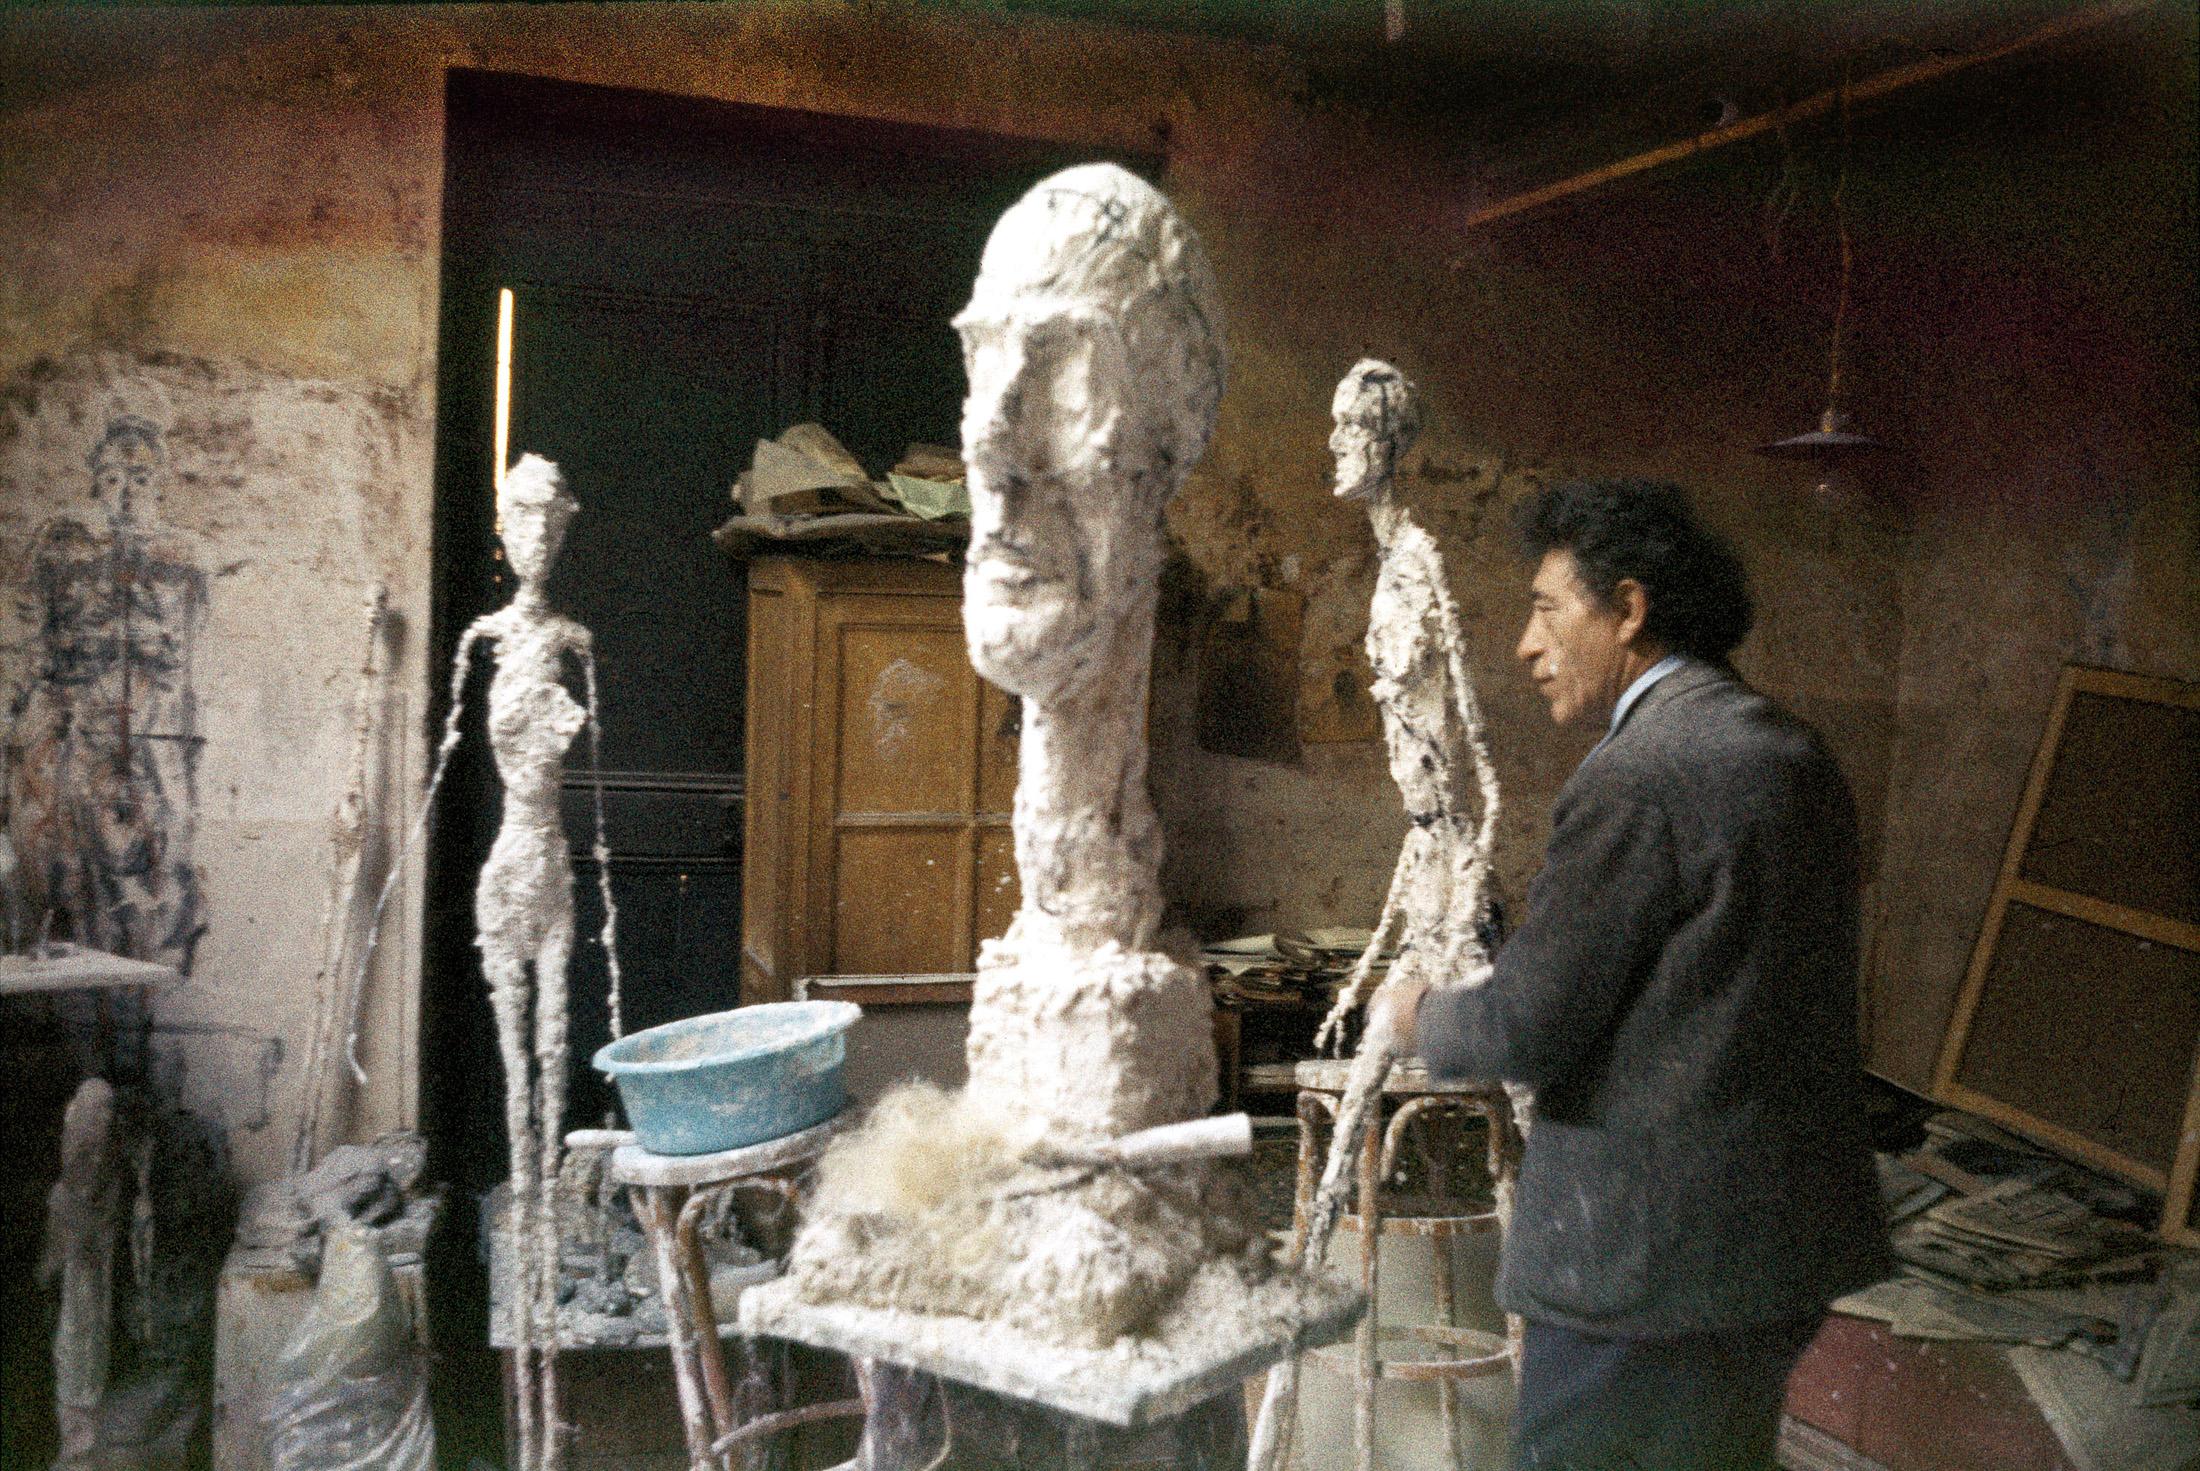 Giacometti Institute, Inquiring Minds, Autumn 2018